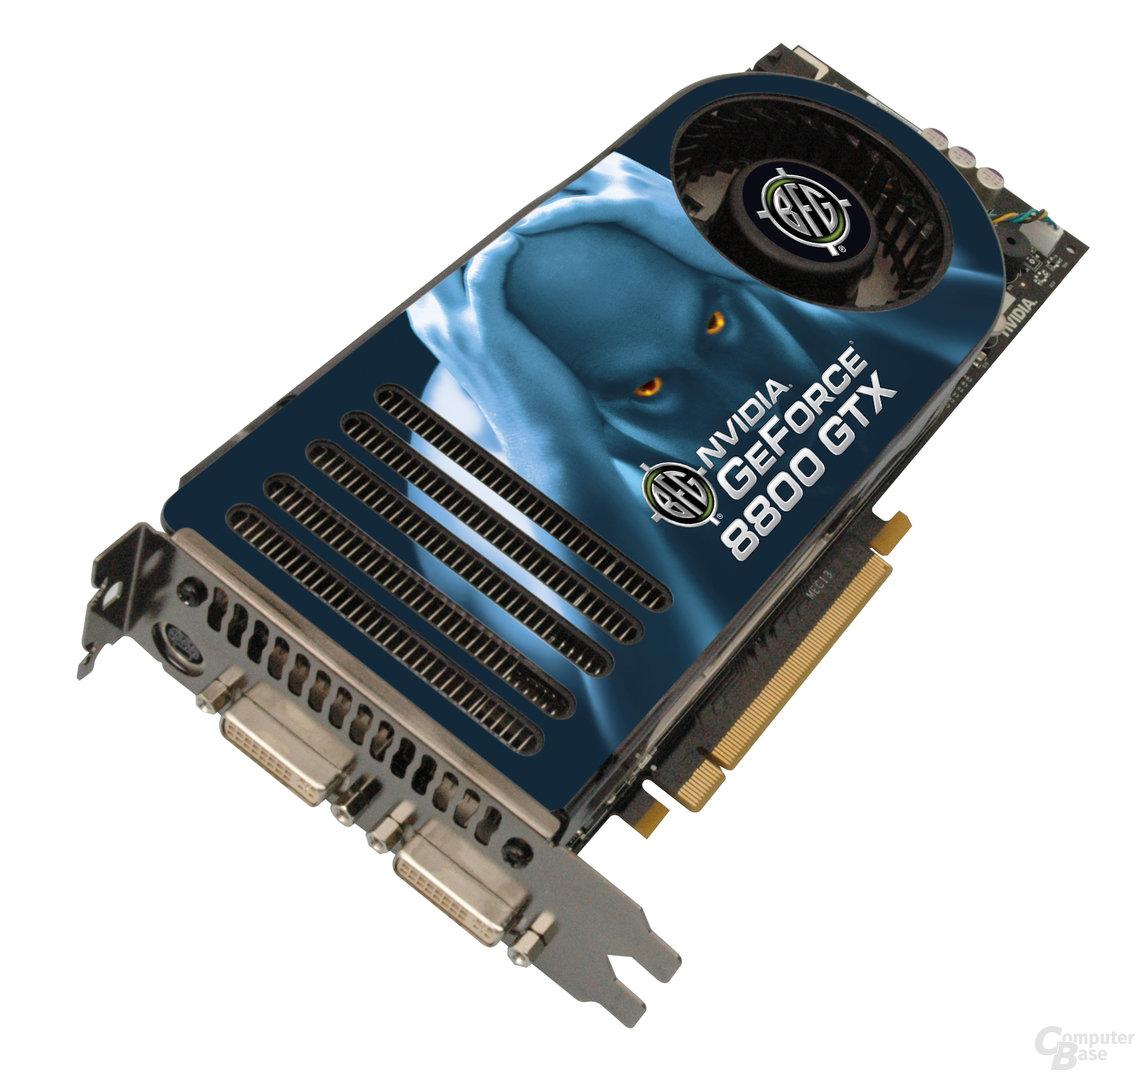 BFG GeForce 8800 GTX